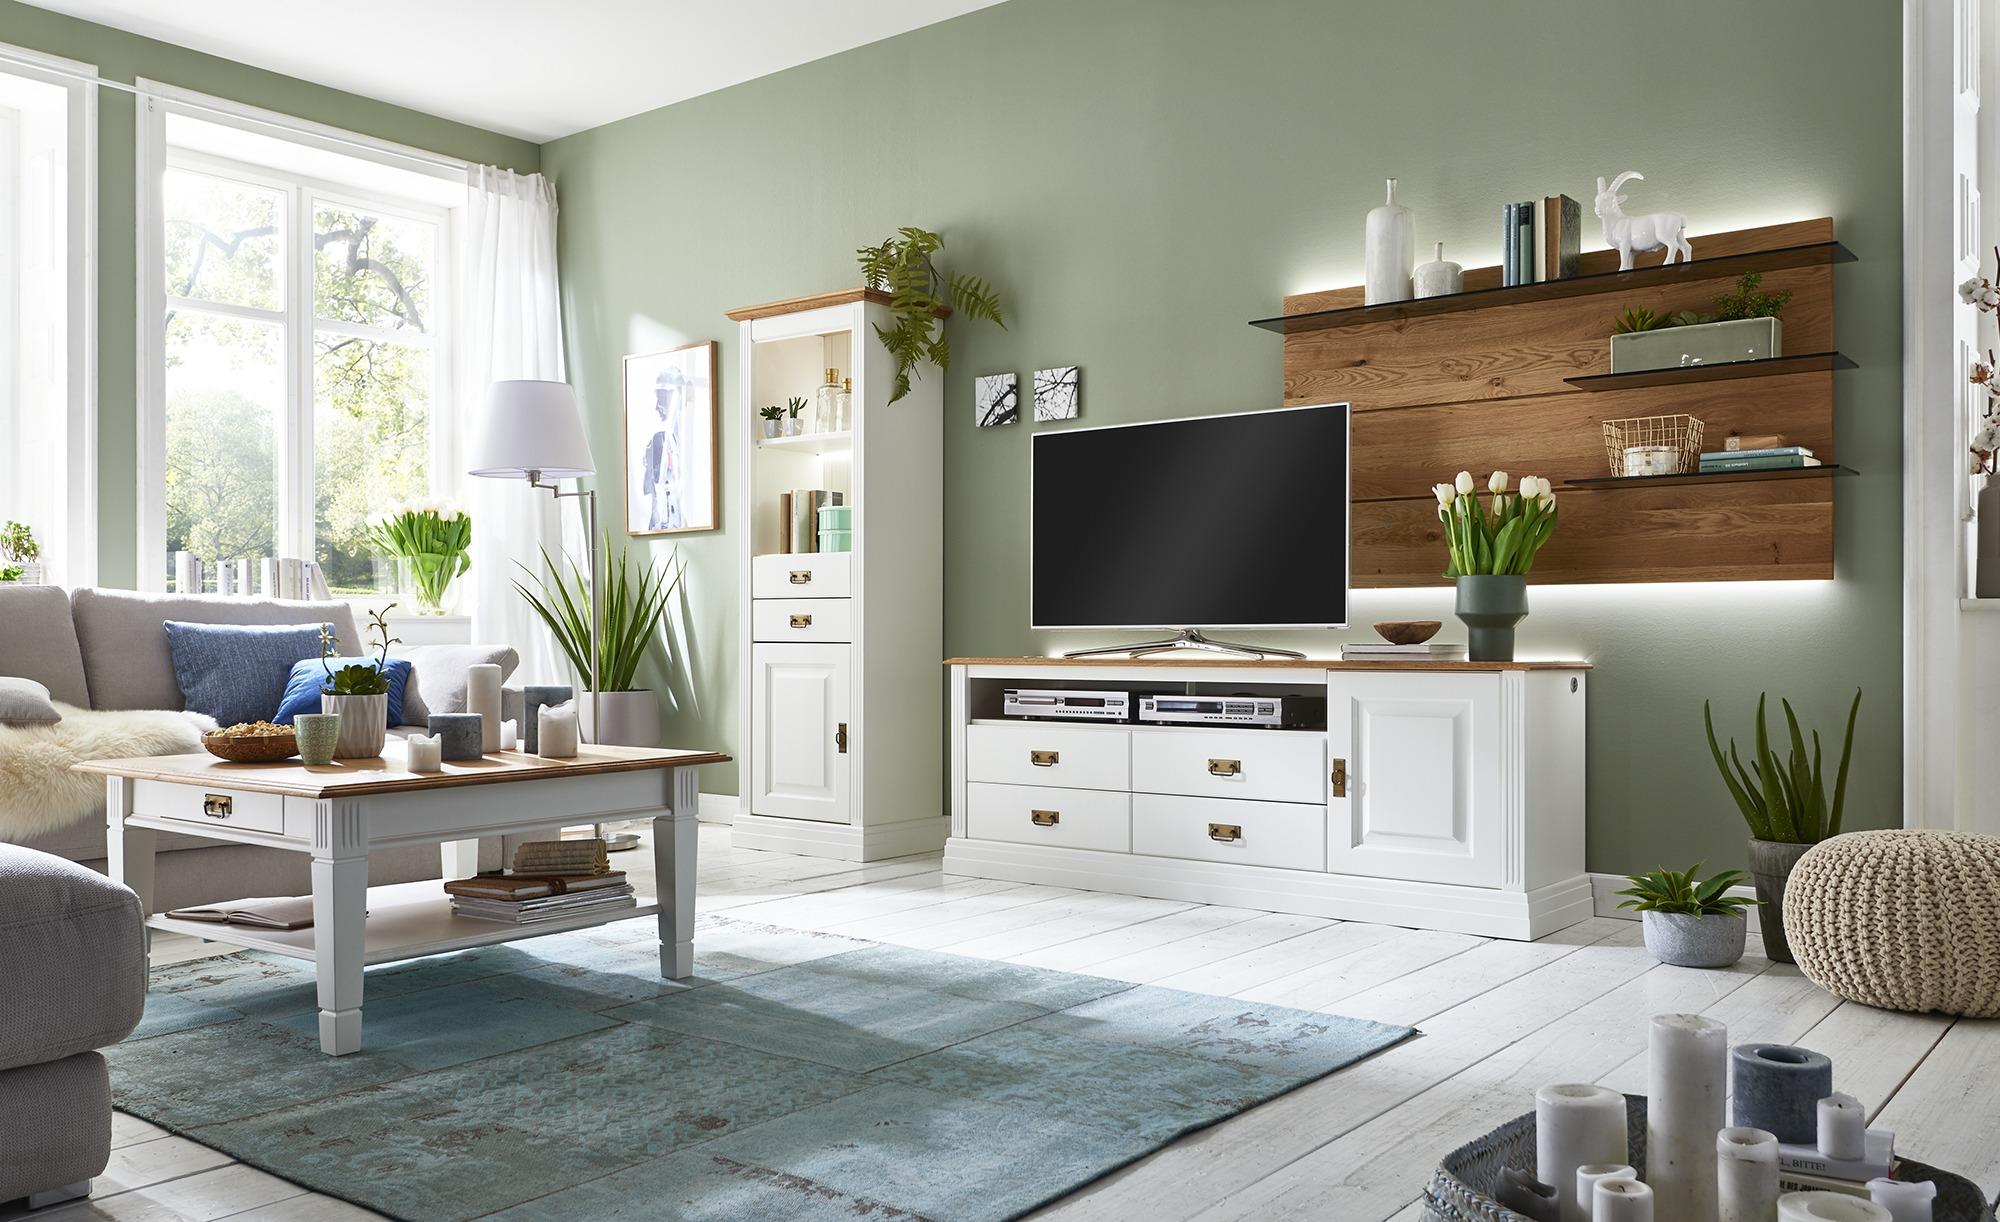 Wohnkombination Lina, gefunden bei Möbel Höffner